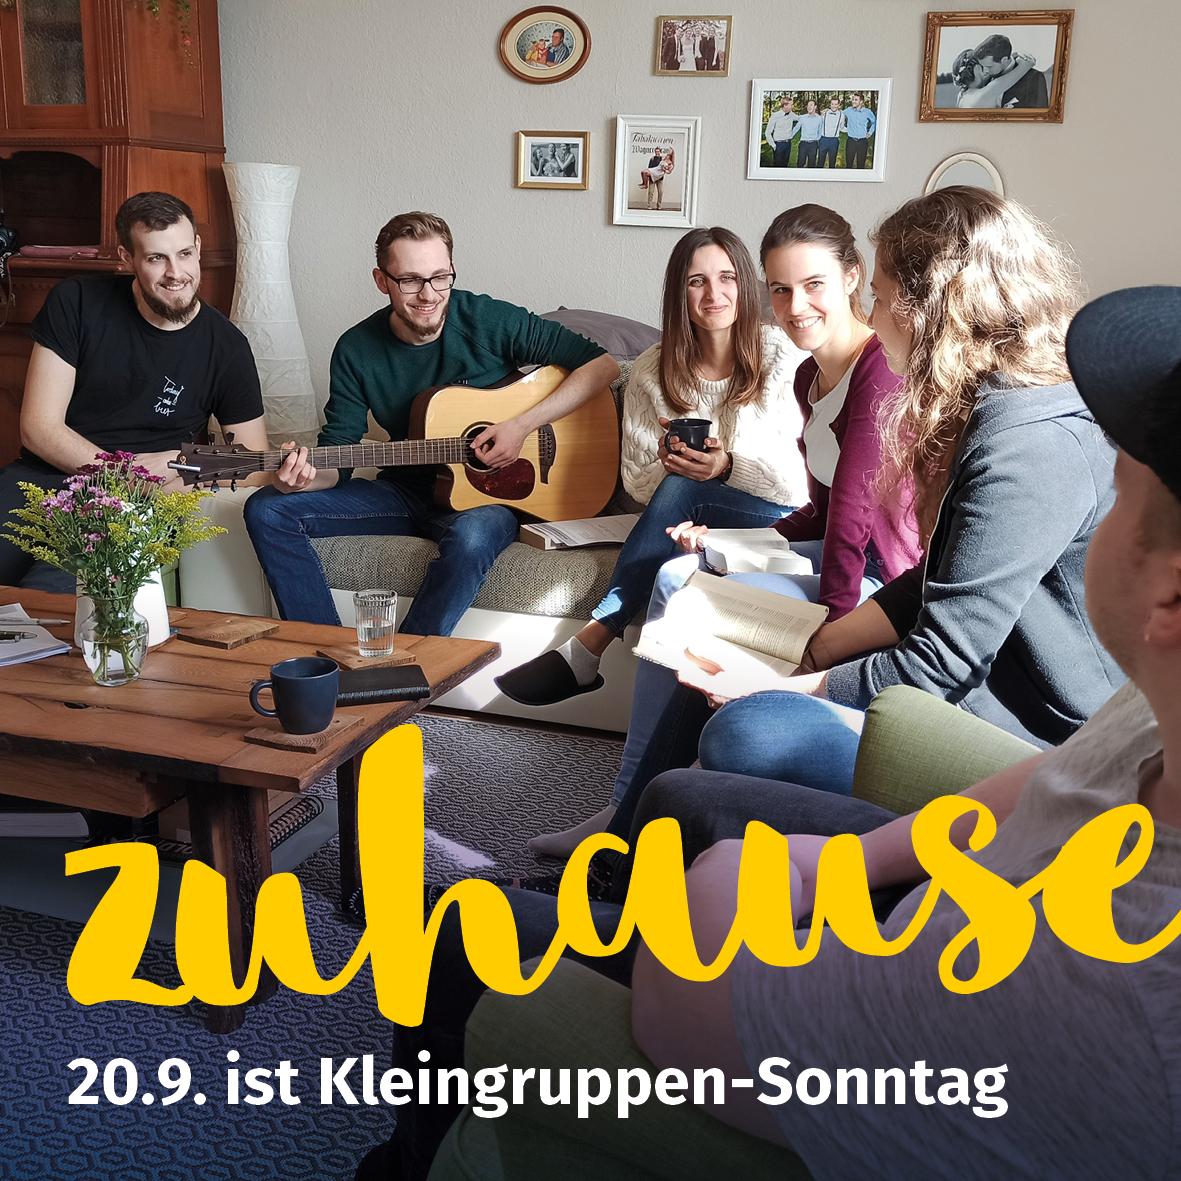 Kleingruppen-Sonntag